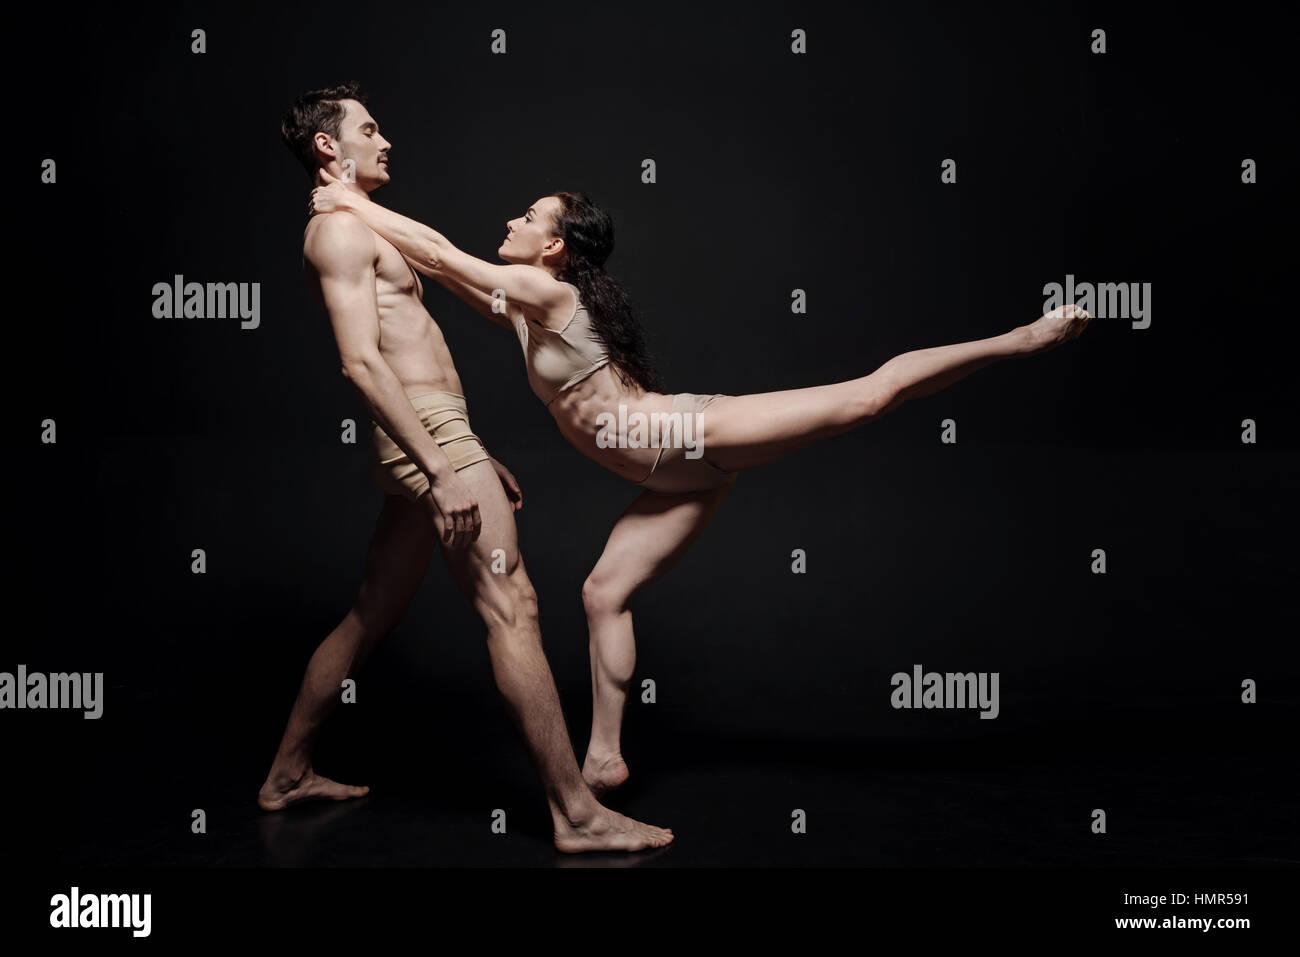 Giovane e bella danza giovane prendendo parte nell'arte in termini di prestazioni Immagini Stock